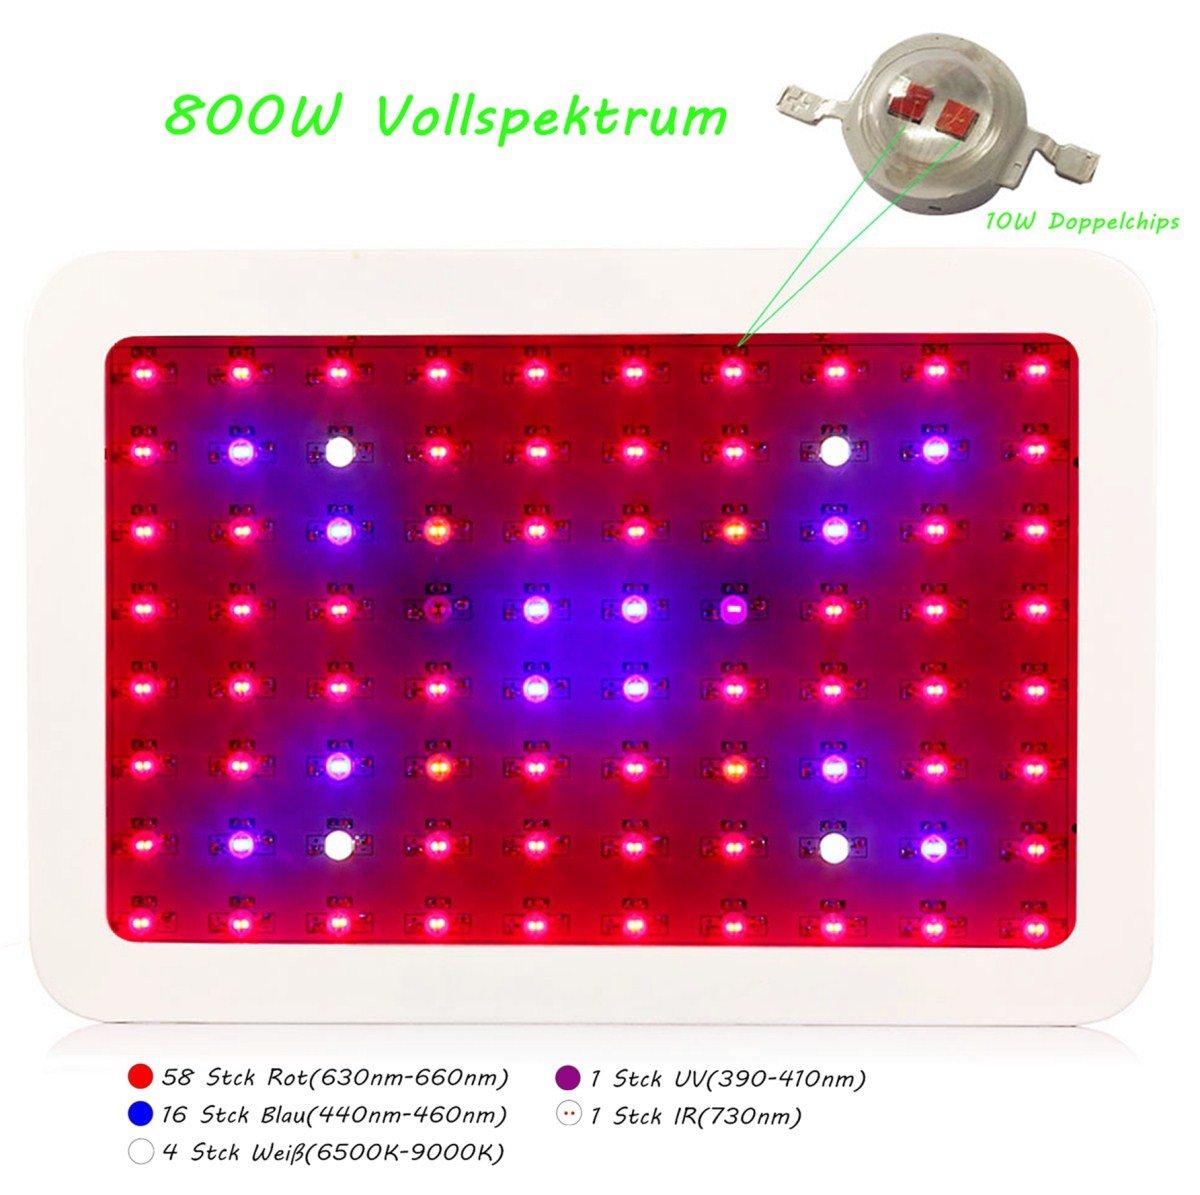 JADIDIS 800W LED Pflanzenlampe 10W Doppelchips Vollspektrum mit IR UV Licht für Hydroponik Zimmerpflanzen Wachstum Blüte